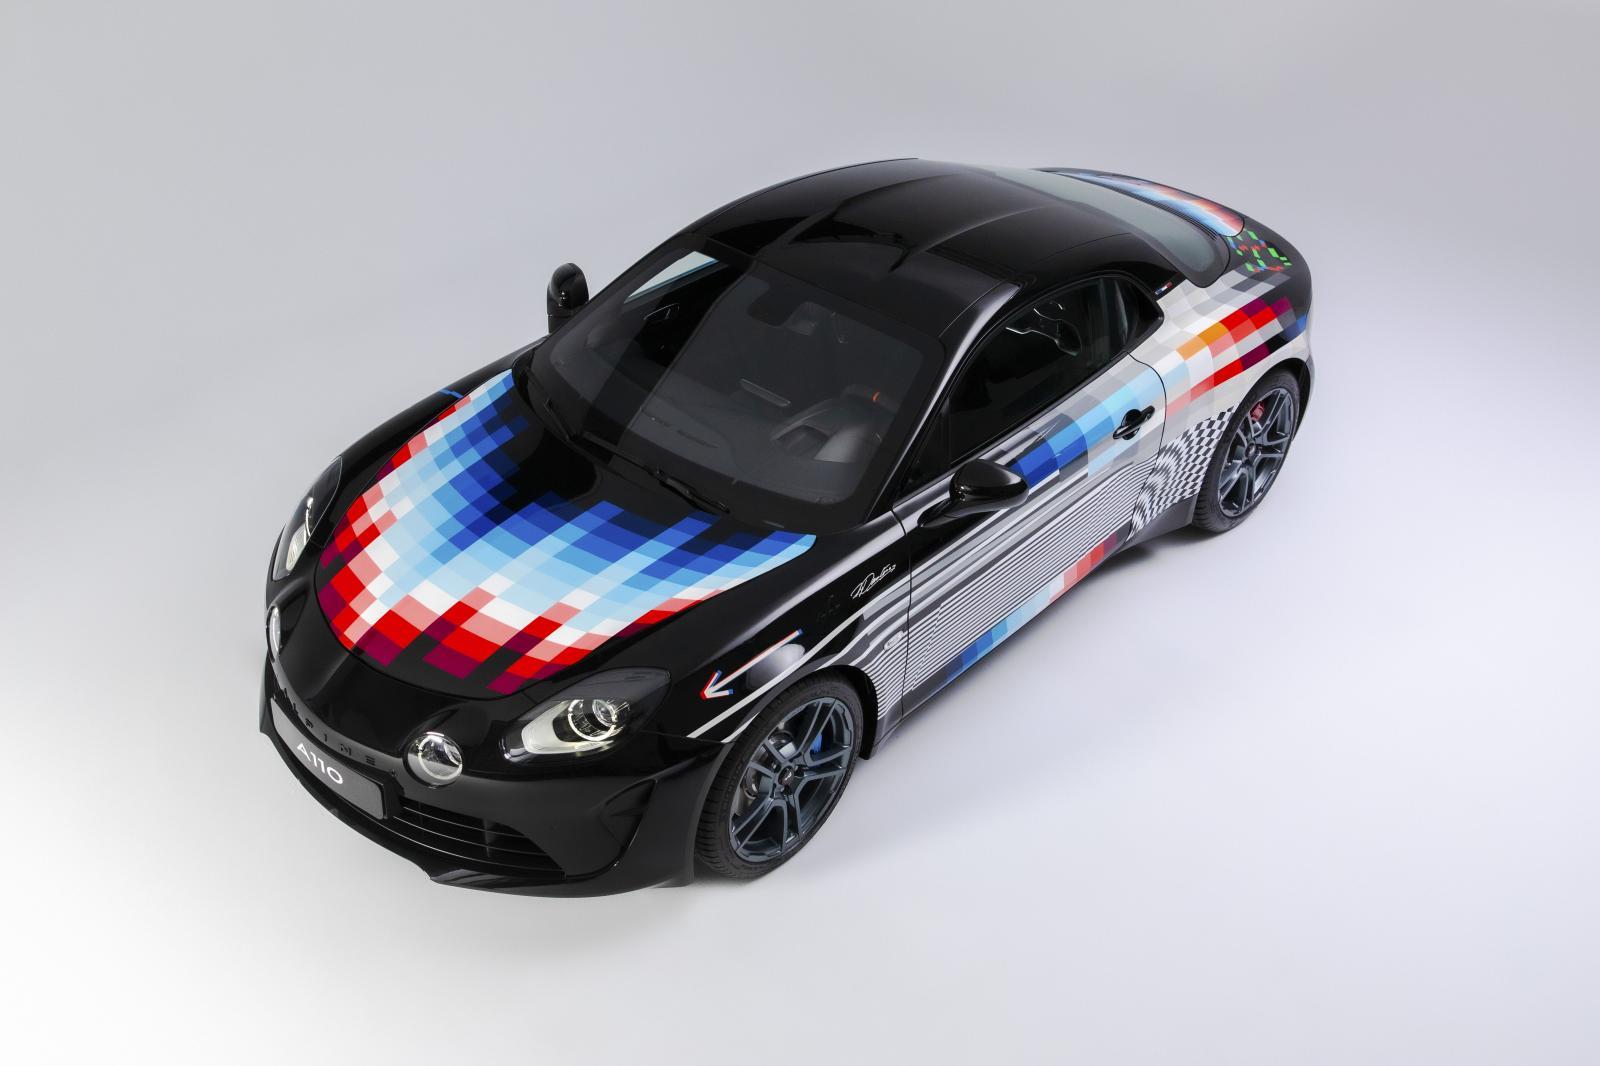 2021 - Alpine A110 x Felipe Pantone-5